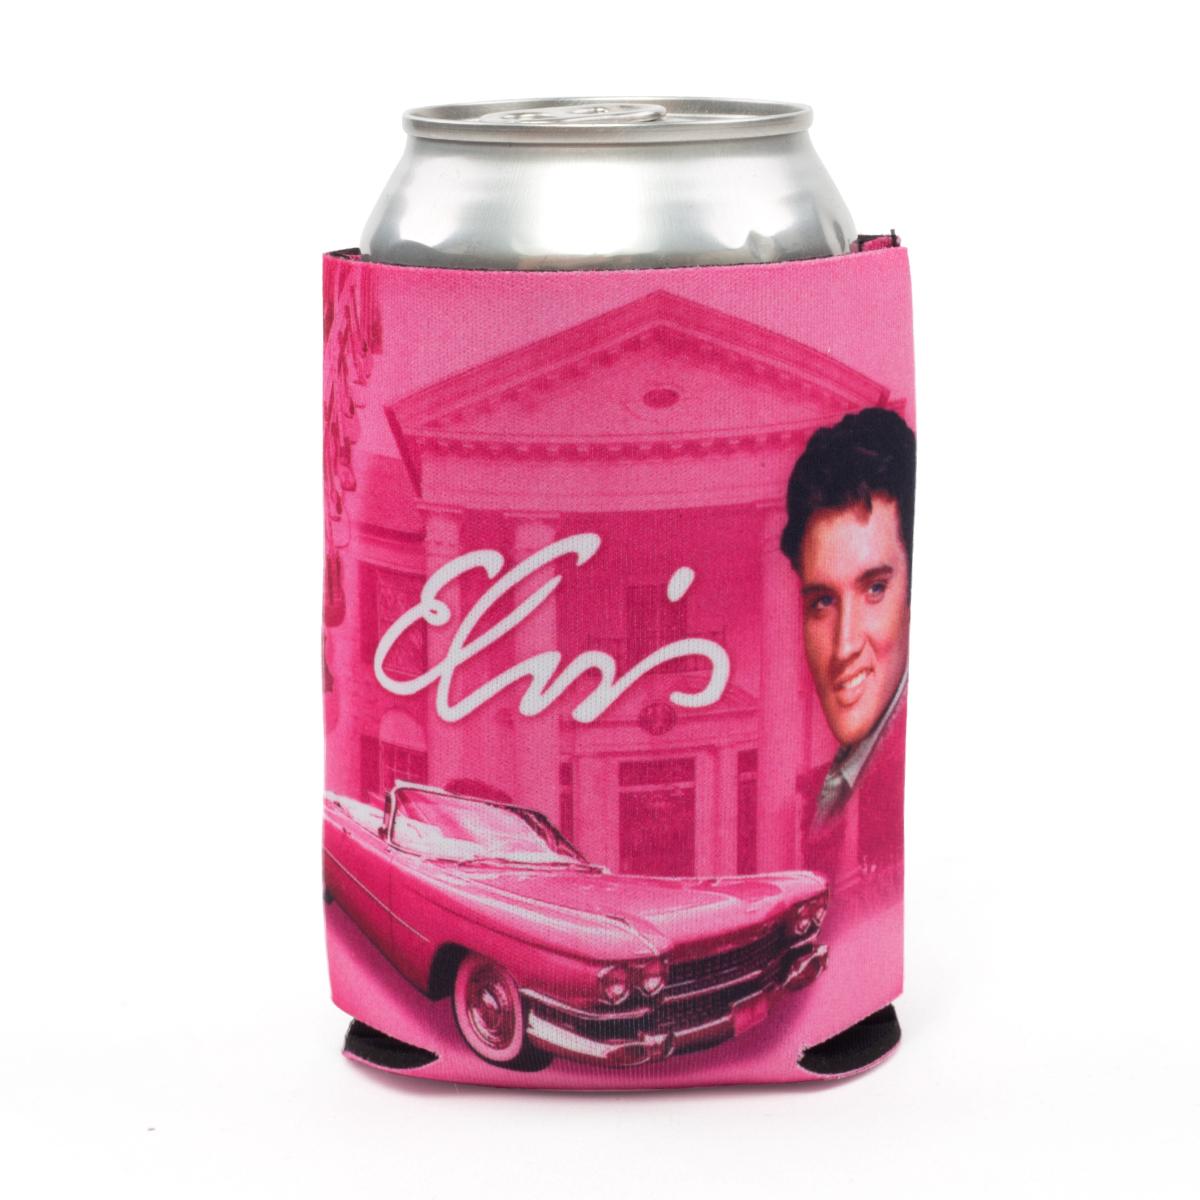 Elvis Presley Pink Cadillac/Graceland Can Cooler